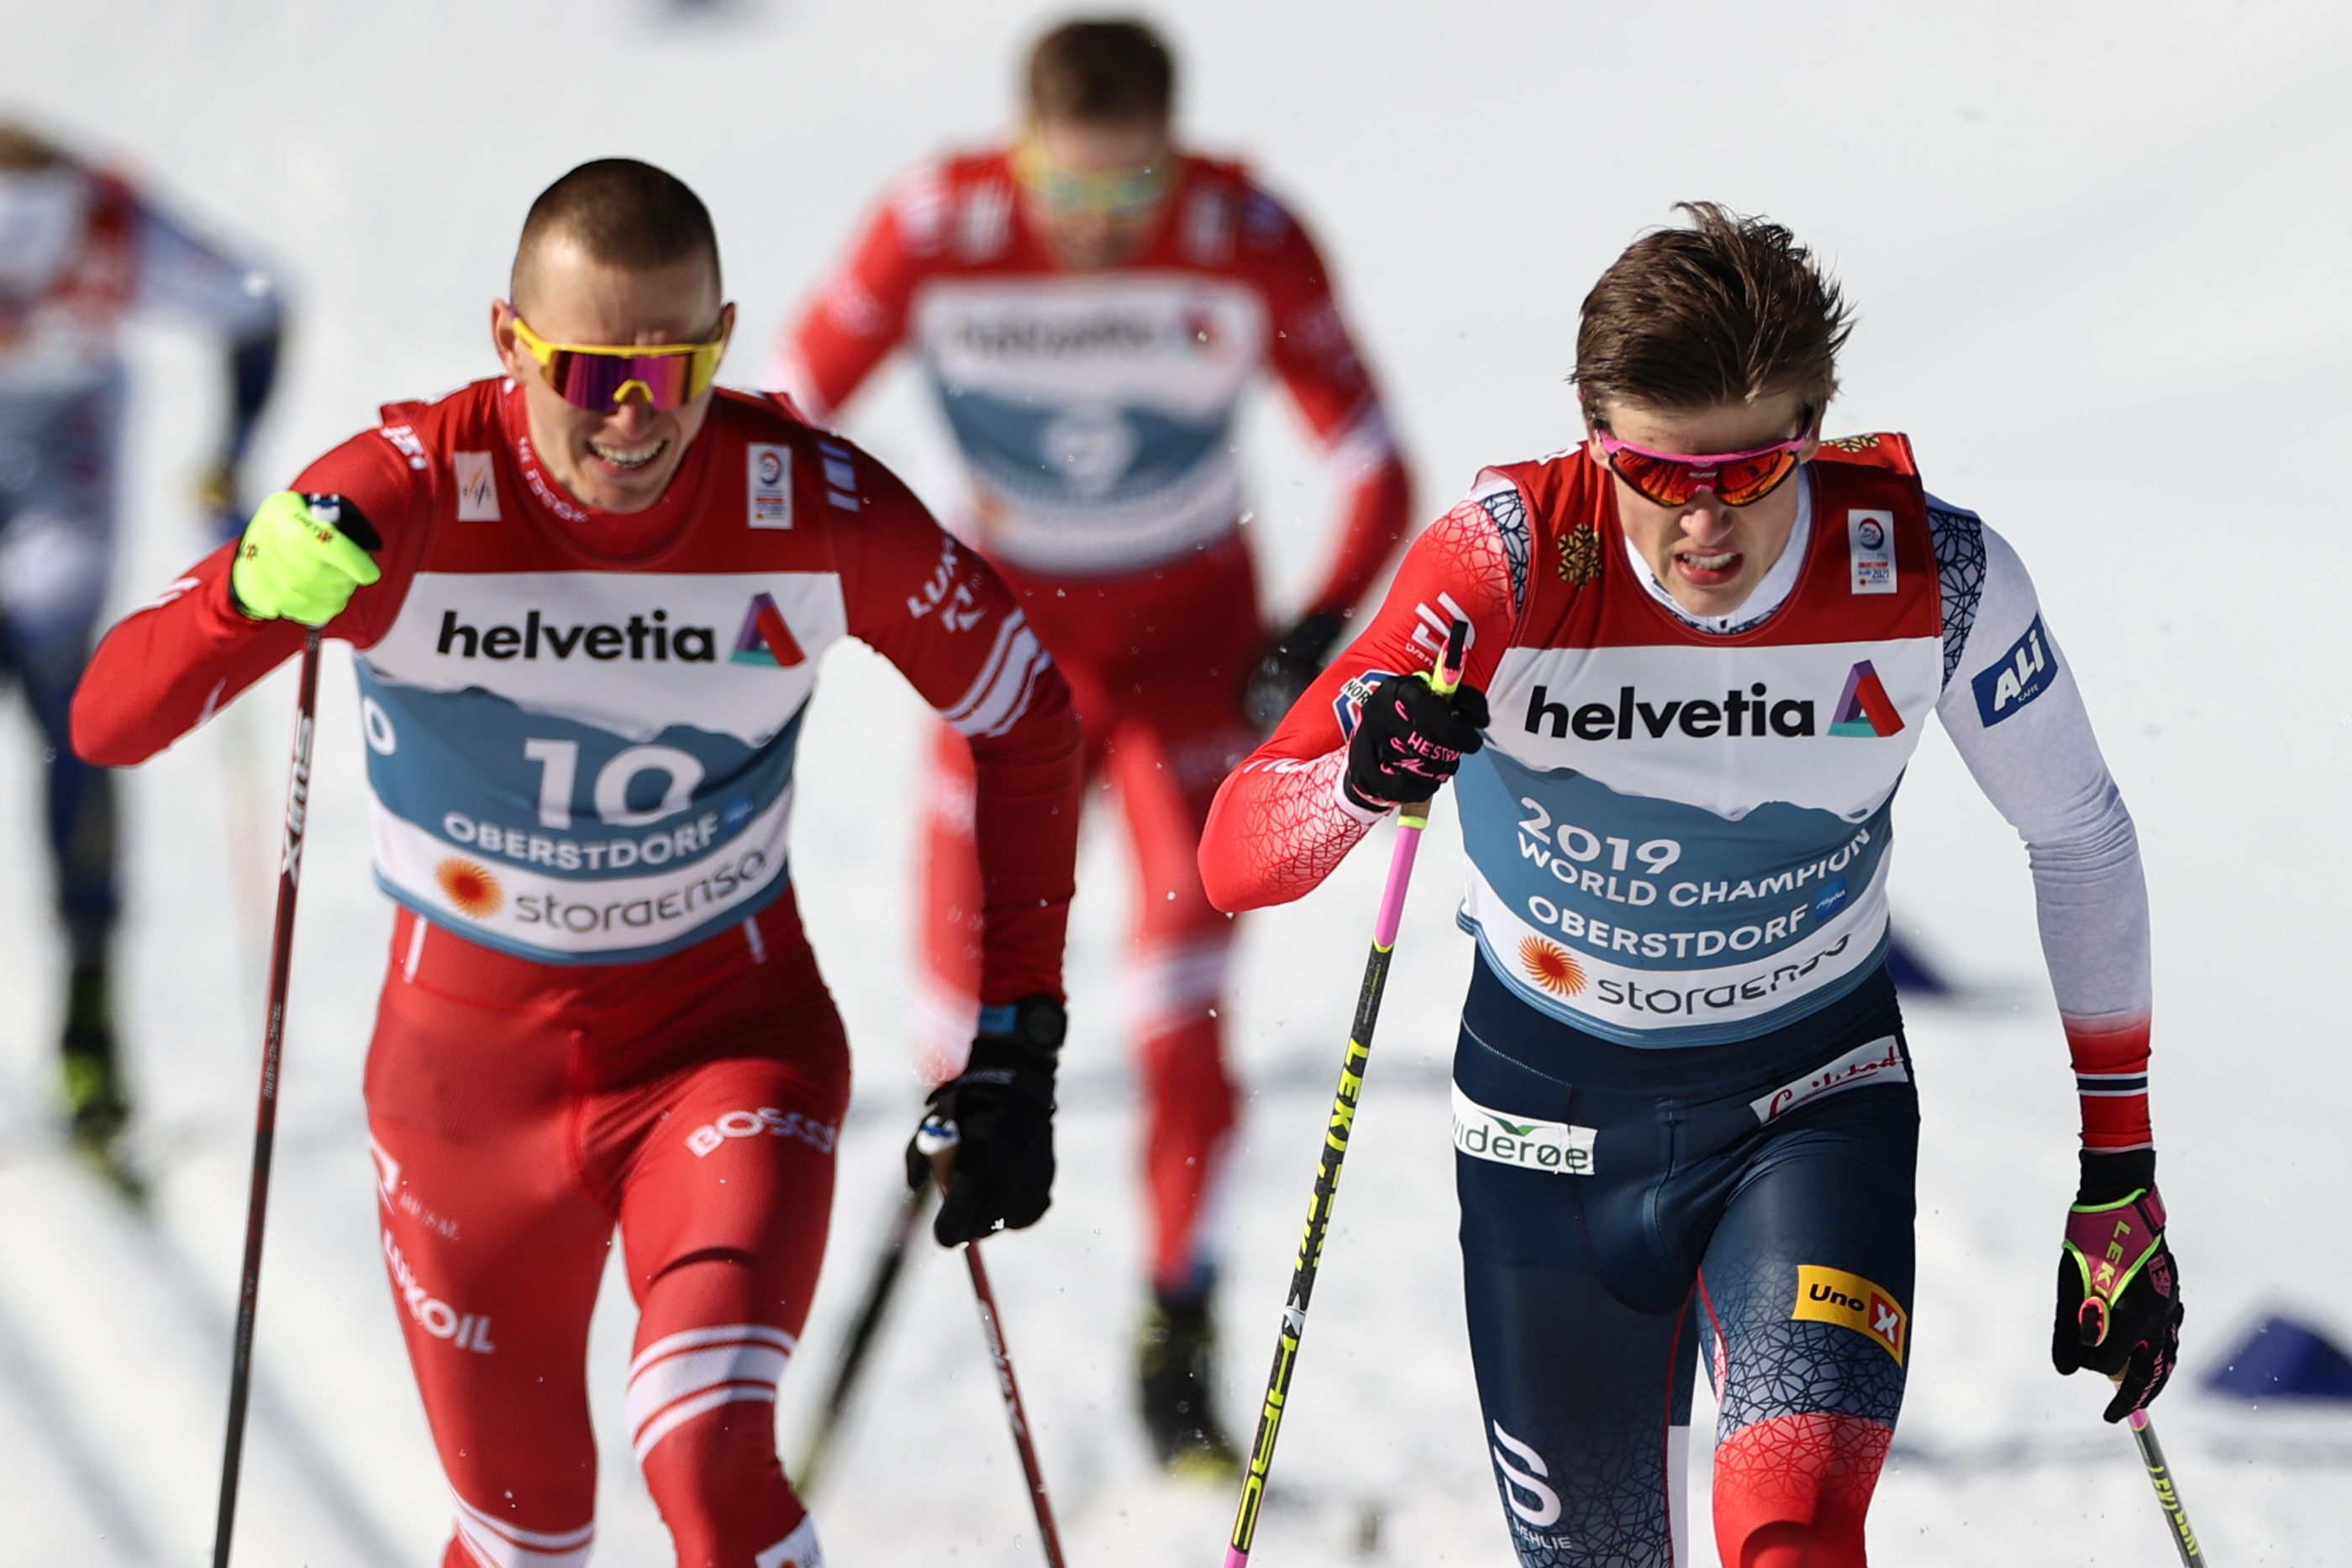 Крамер: 'Лыжам повезло с Большуновым и Клебо, стимулирующими друг друга быть ещё лучше'